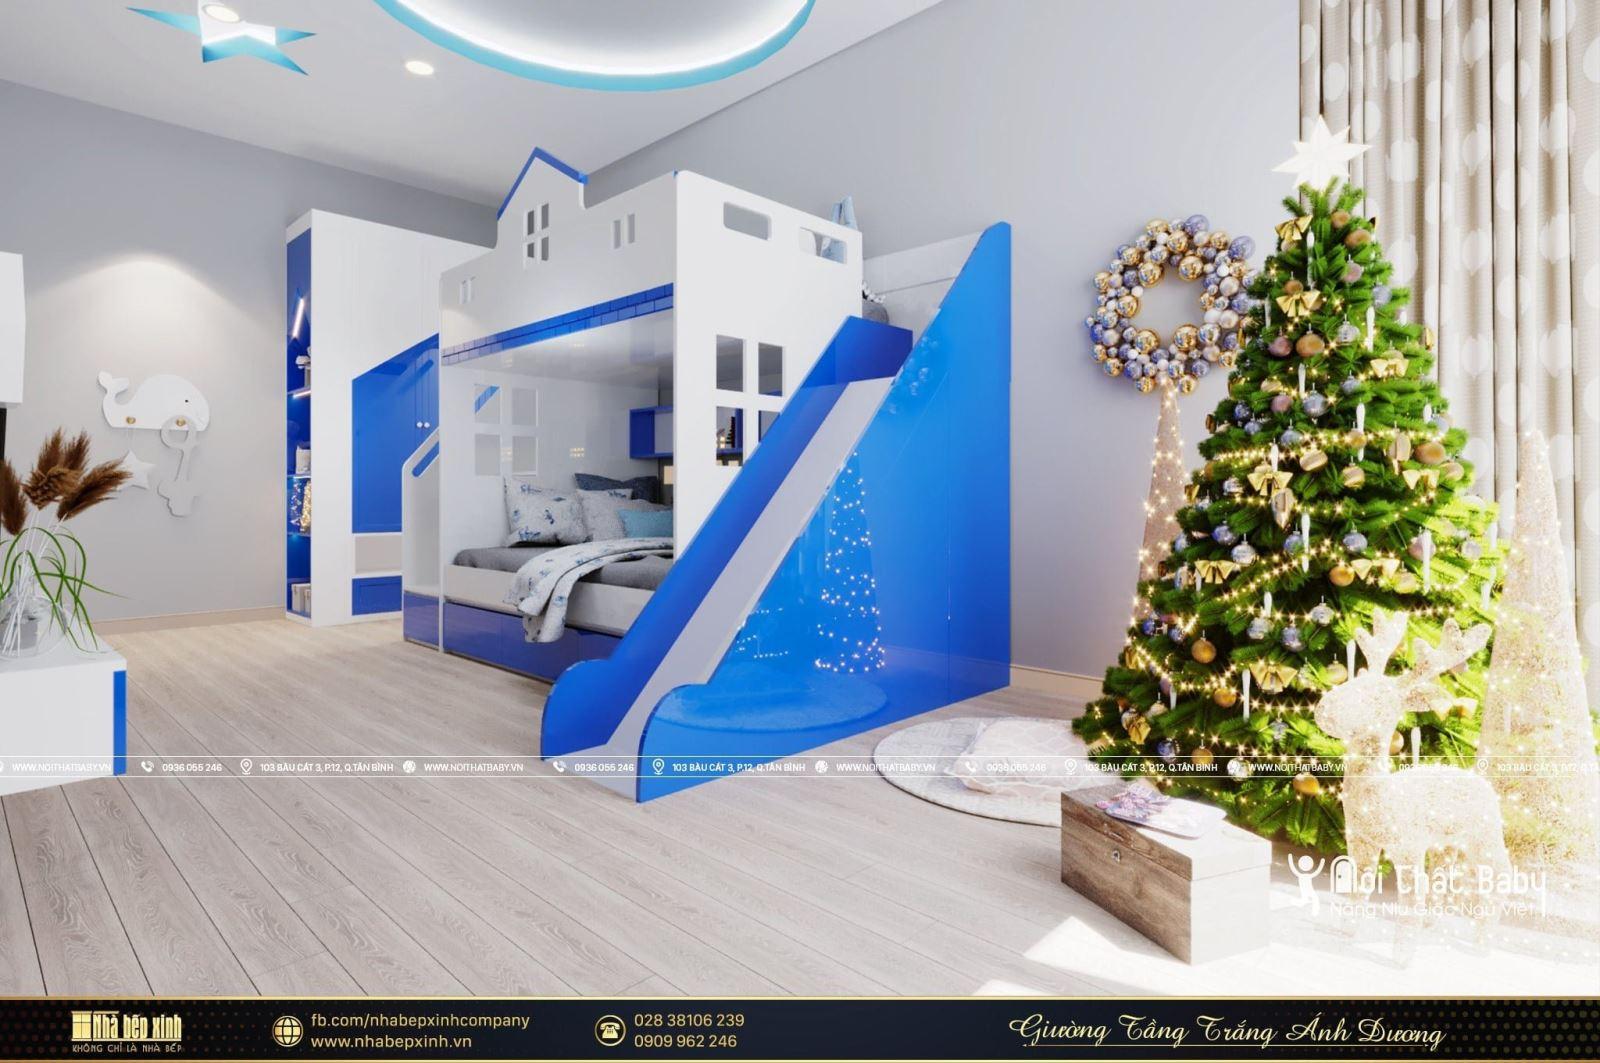 Mẫu giường tầng trắng ánh dương đẹp mê ly năm 2021